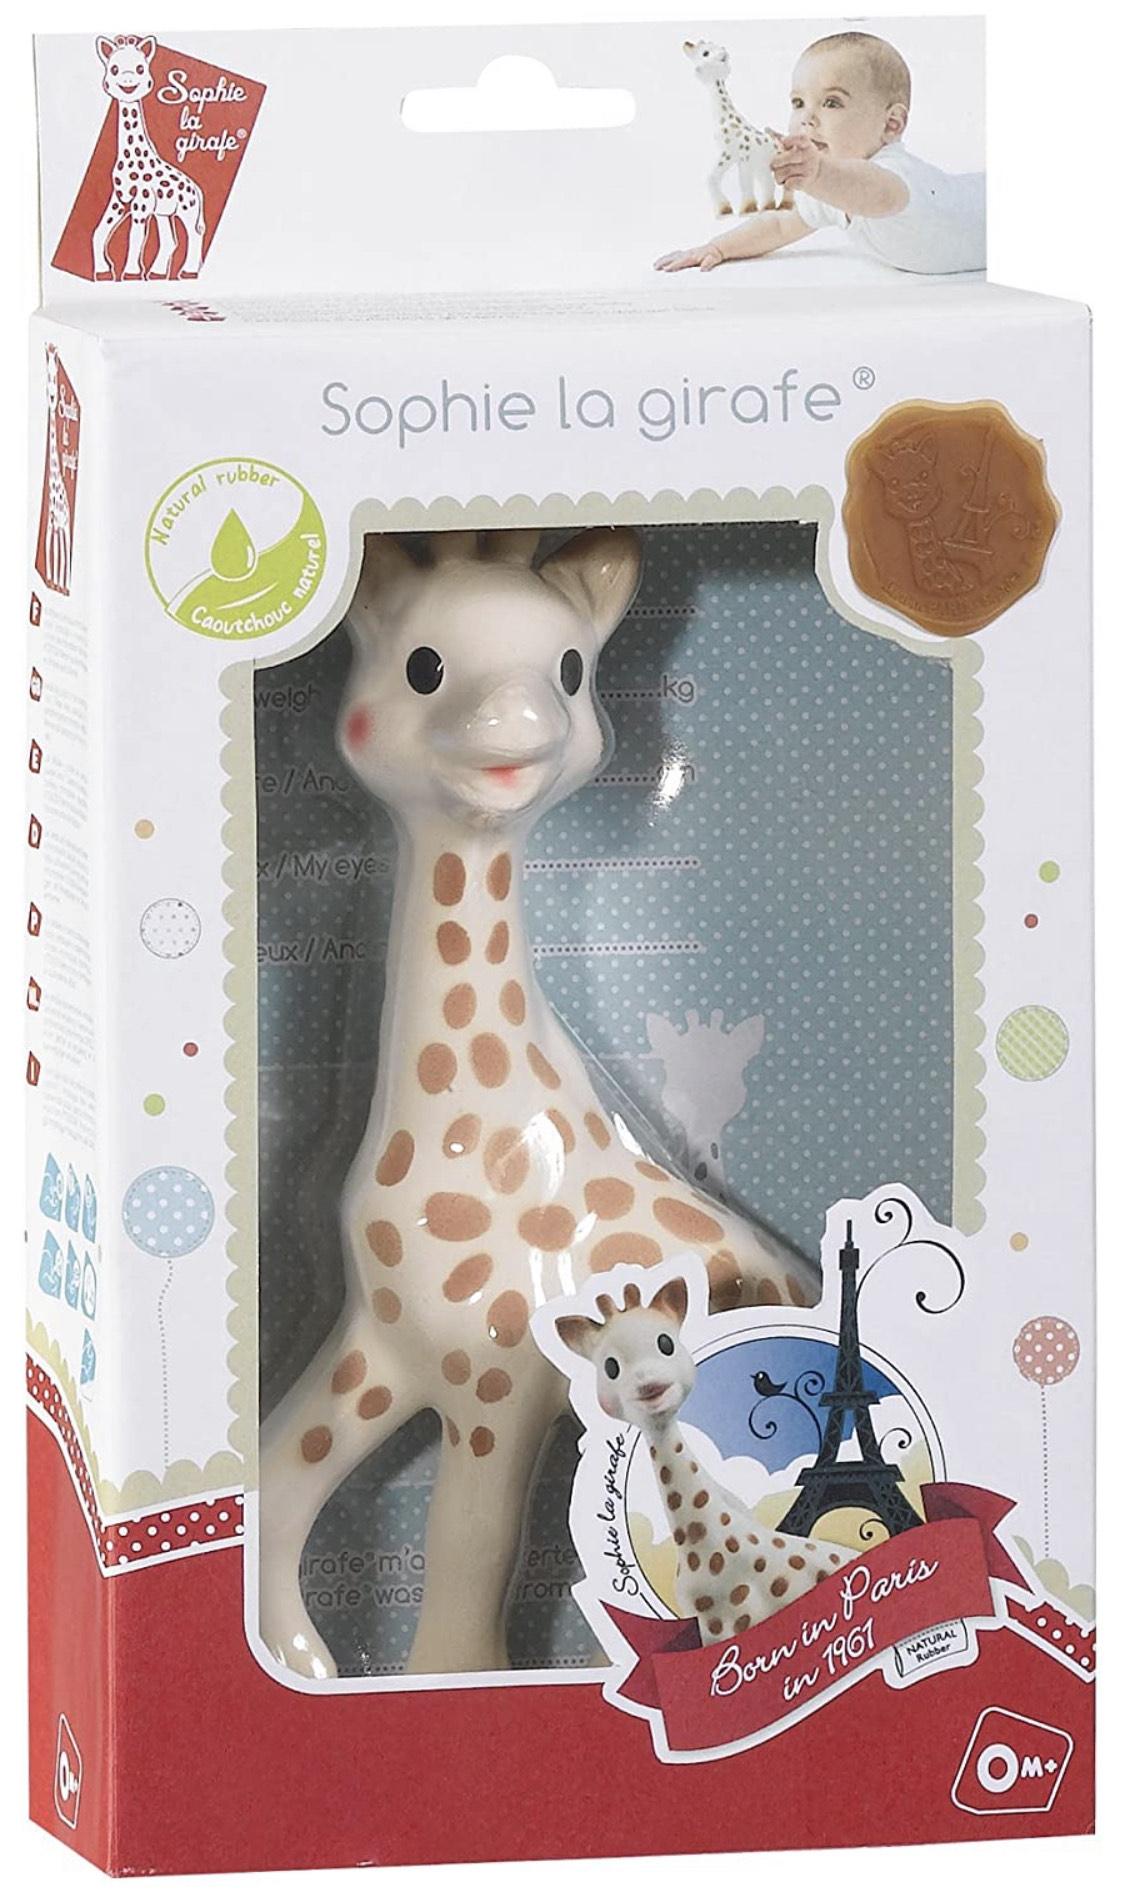 Sophie la girafe Baby Teething Toy - Fresh Touch Gift Box £11.99 at Amazon Prime / £16.48 Non Prime